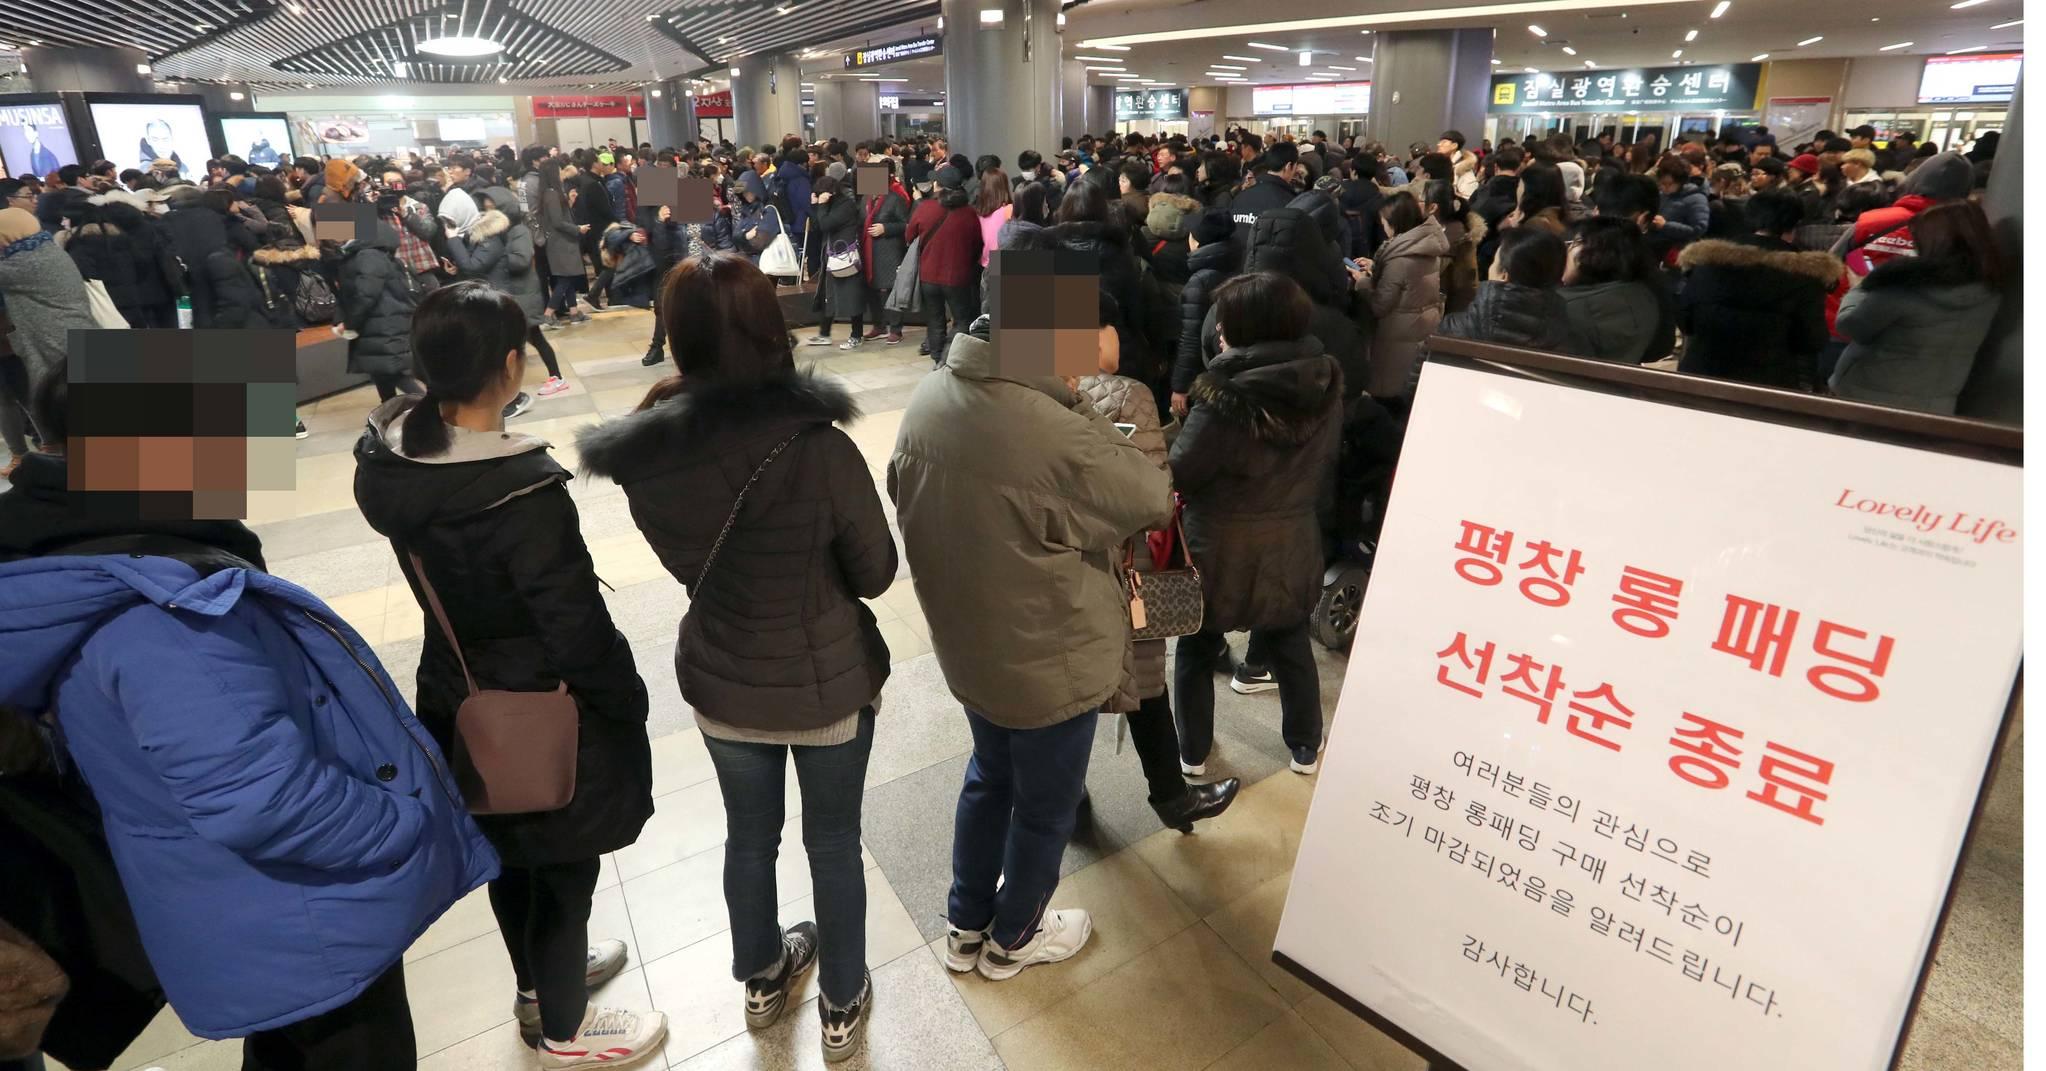 평창패딩을 구입하려는 시민들이 서울 잠실 롯데에비뉴얼 입구에서 번호표를 받기 위해 길게 줄지어 서 있다. 박종근 기자